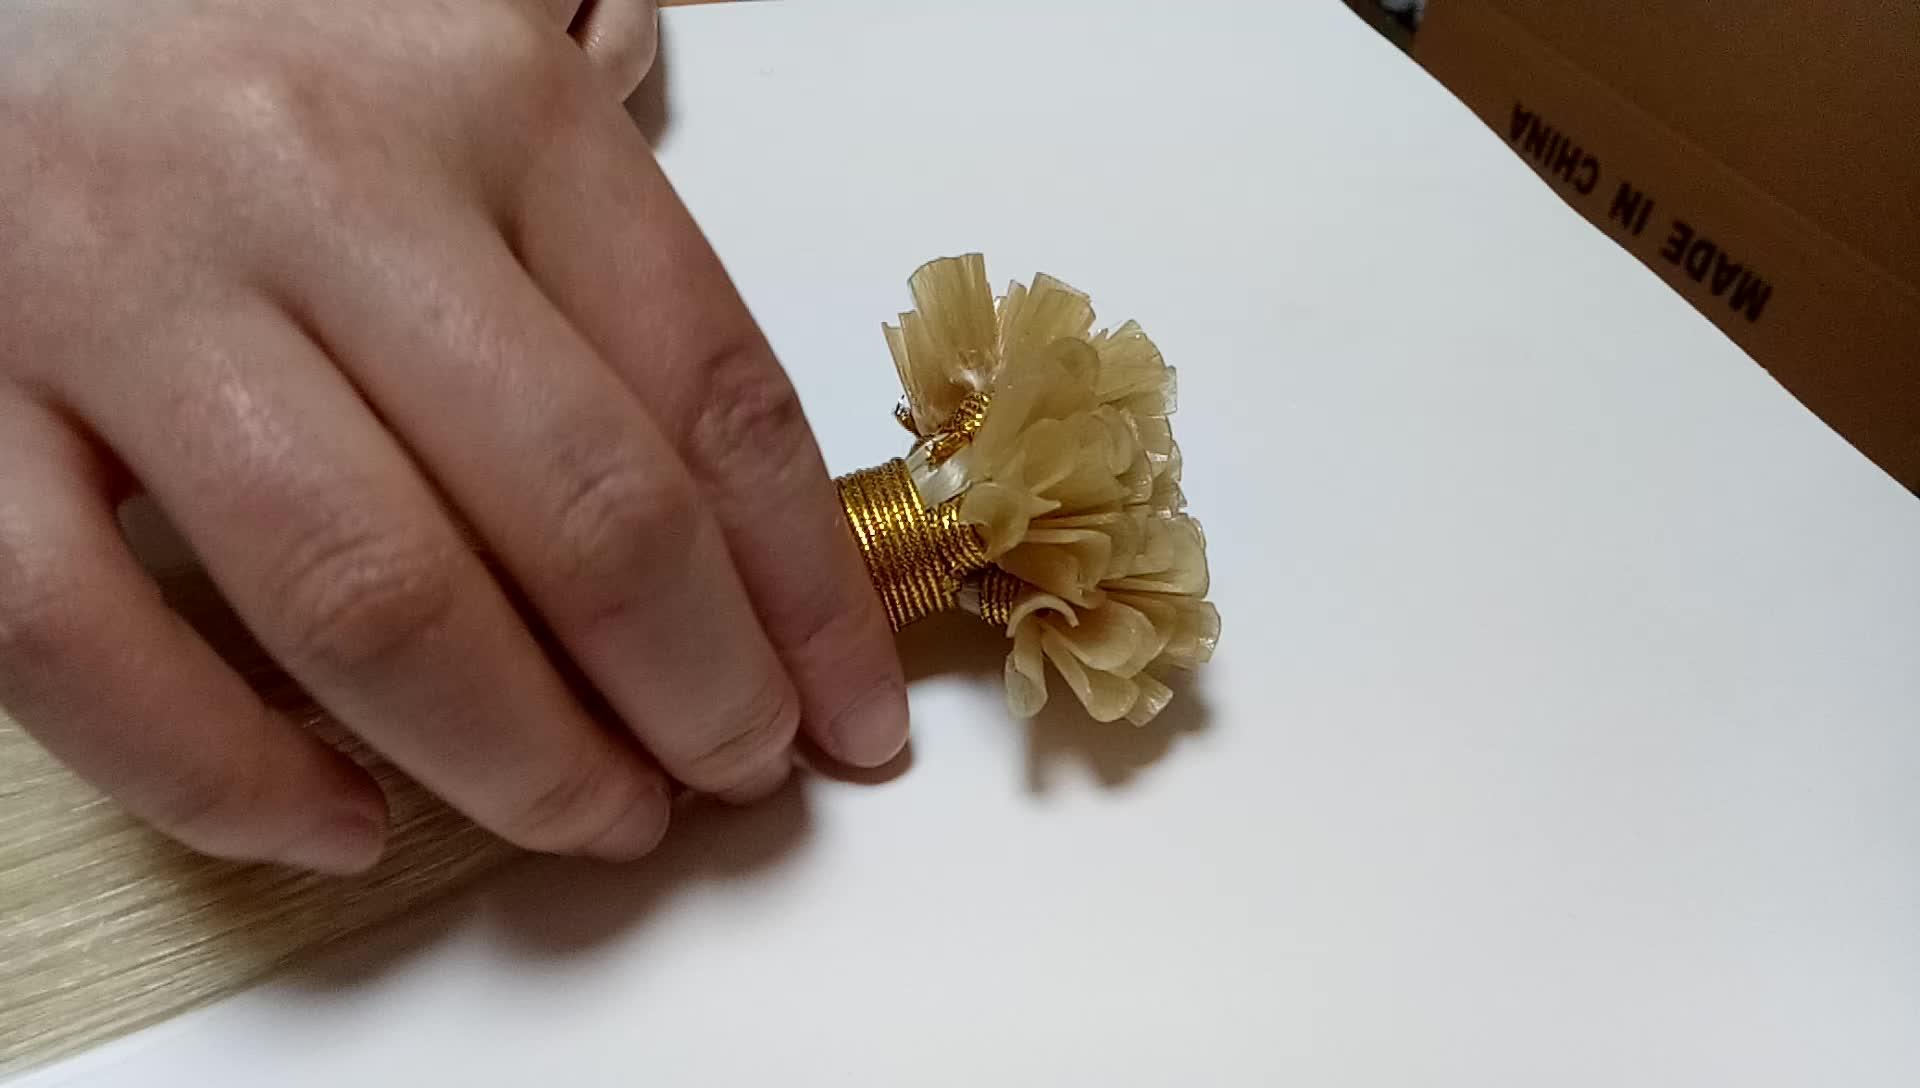 ขายส่งราคาถูก cuticle aligned สีบลอนด์รัสเซีย keratin bond 2 กรัม I tip/U tip 100% virgin remy human hair extension